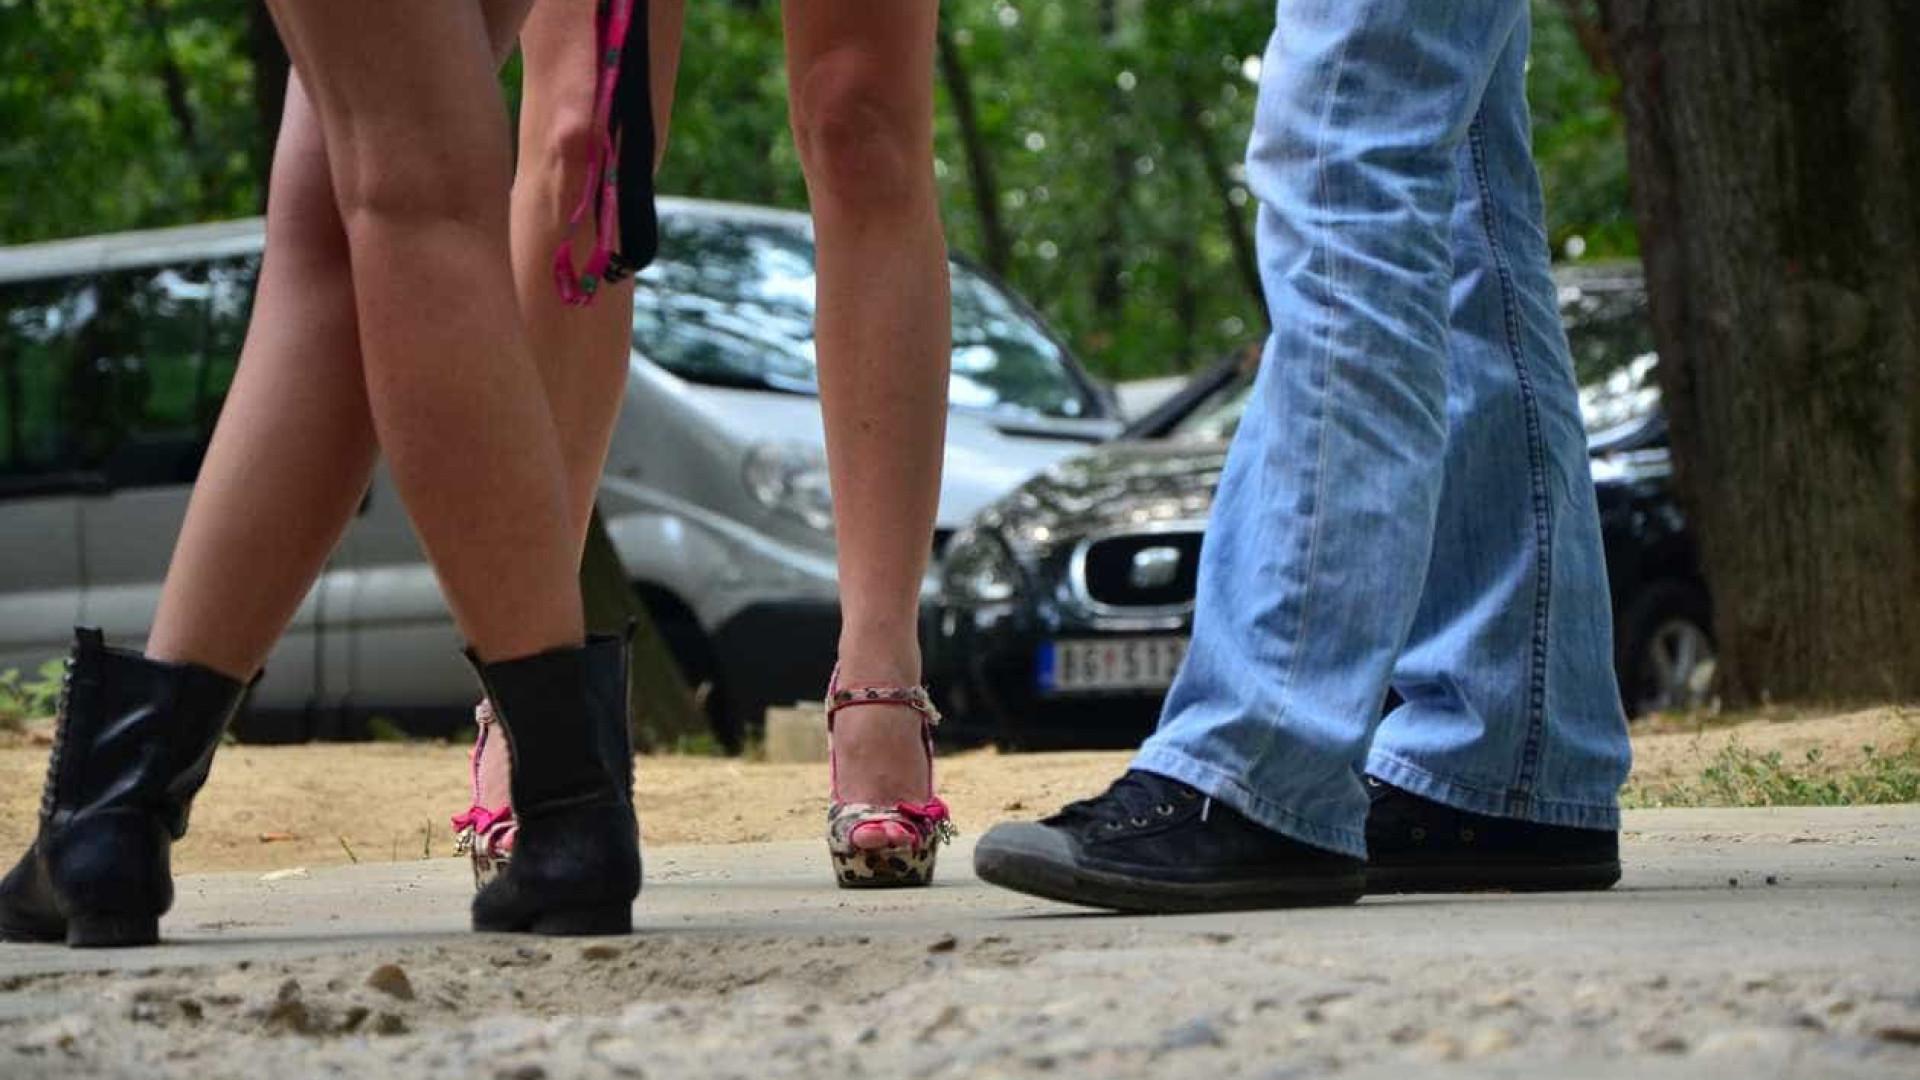 Famílias contra prostituição ameaçam expor fotos de clientes na internet